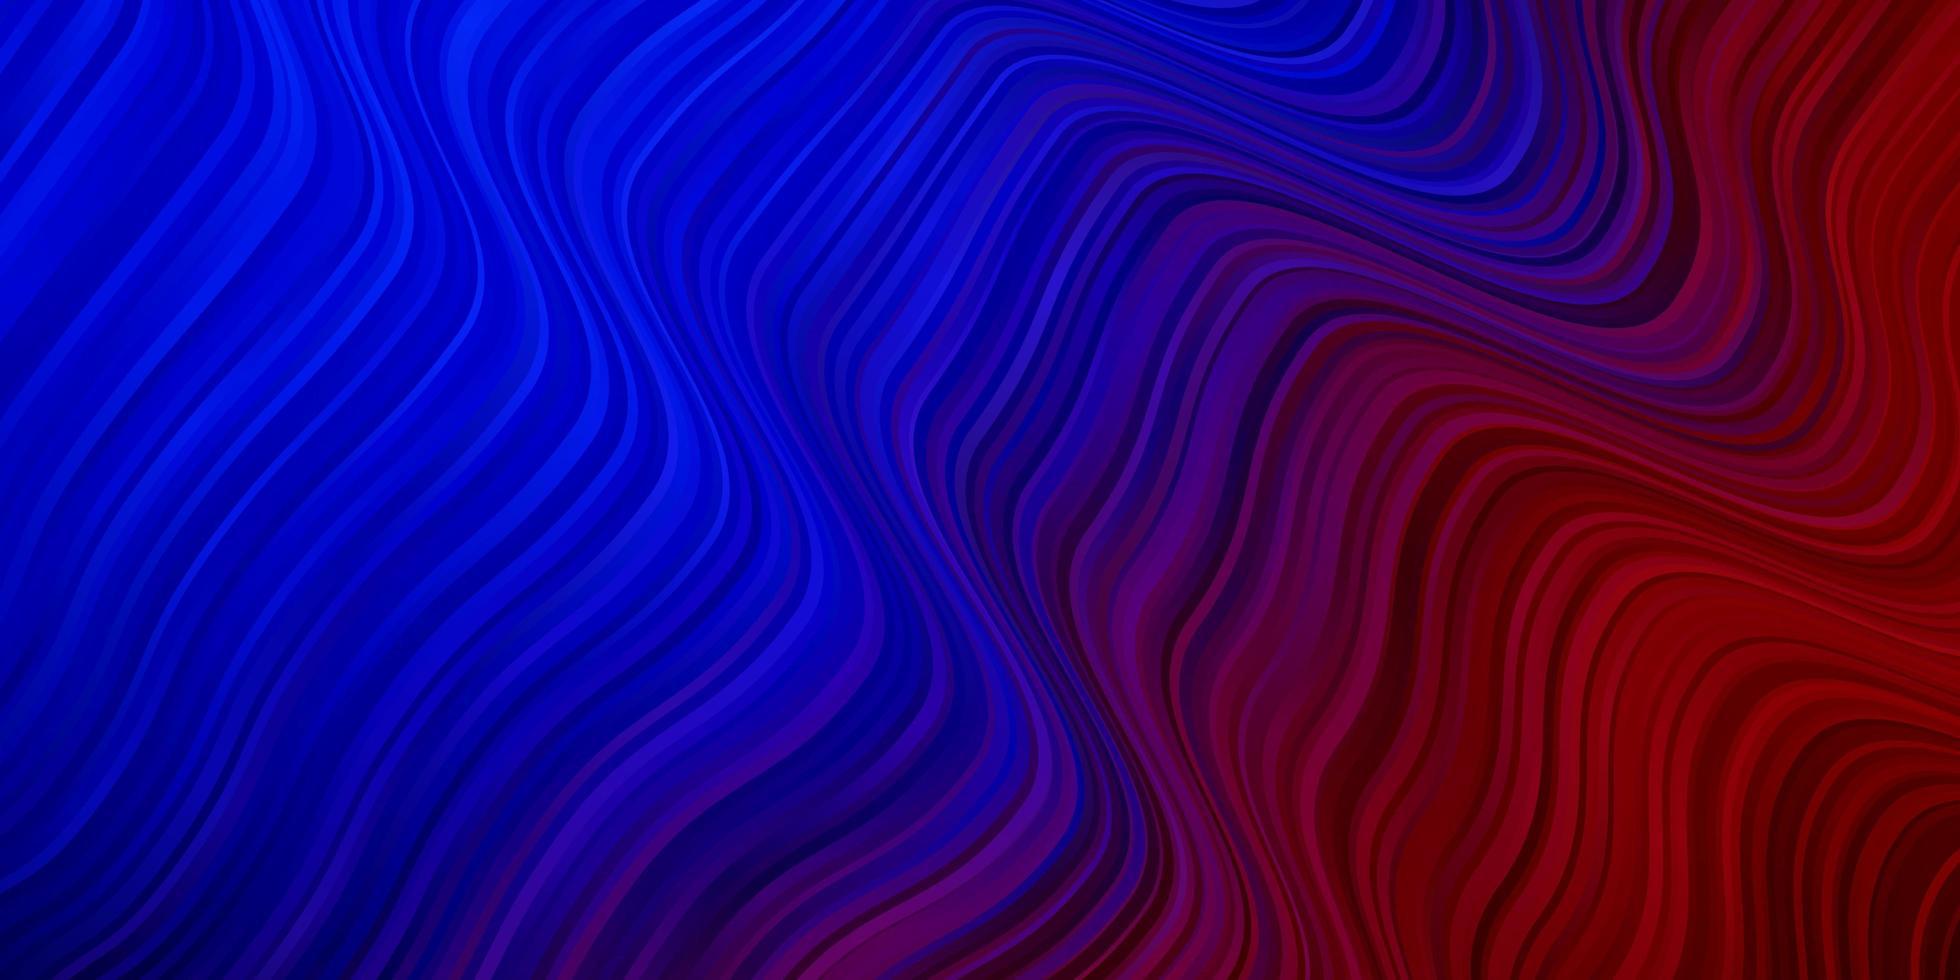 texture de vecteur bleu clair, rouge avec des lignes ironiques.